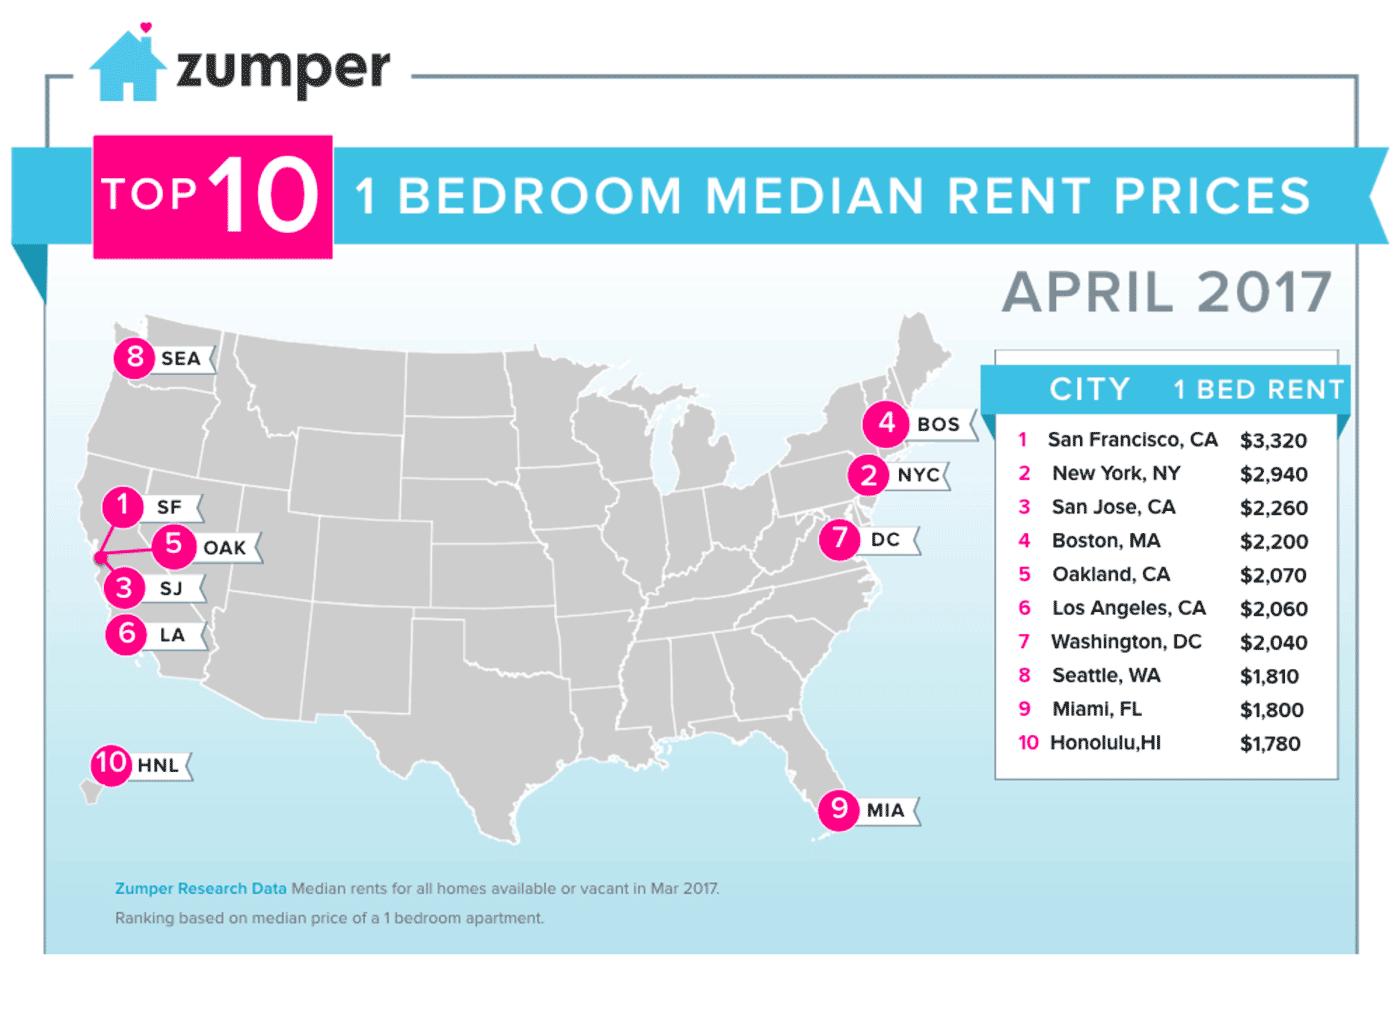 Средние цены на аренду квартиры с одной спальней в США по данным Zumper.com. Сан-Франциско на первом месте